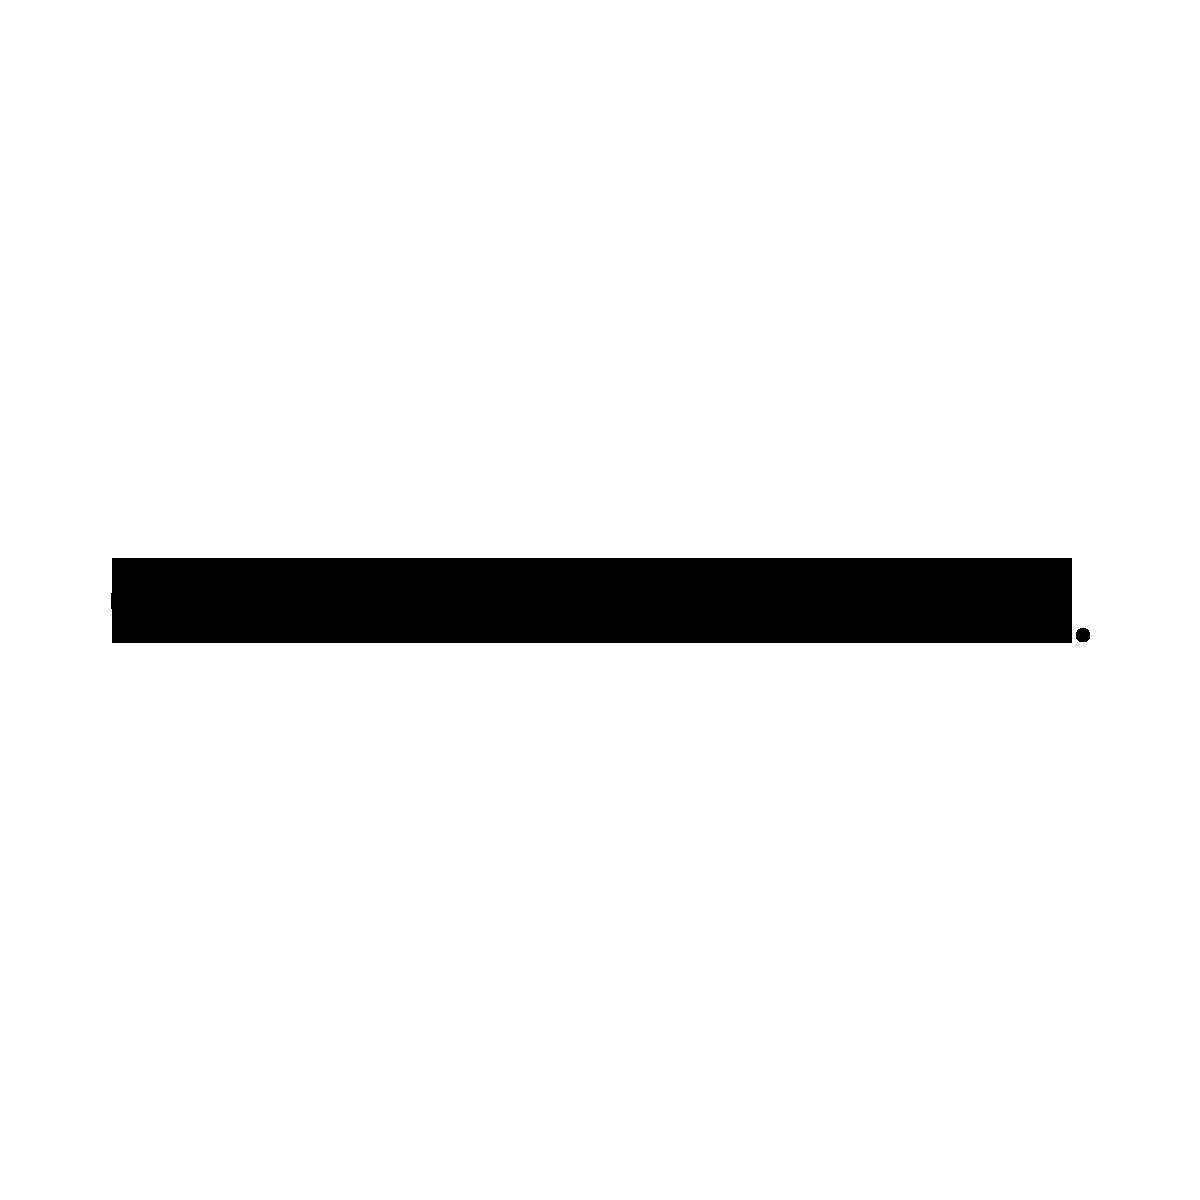 Espadrille-slipper-suède-zwart